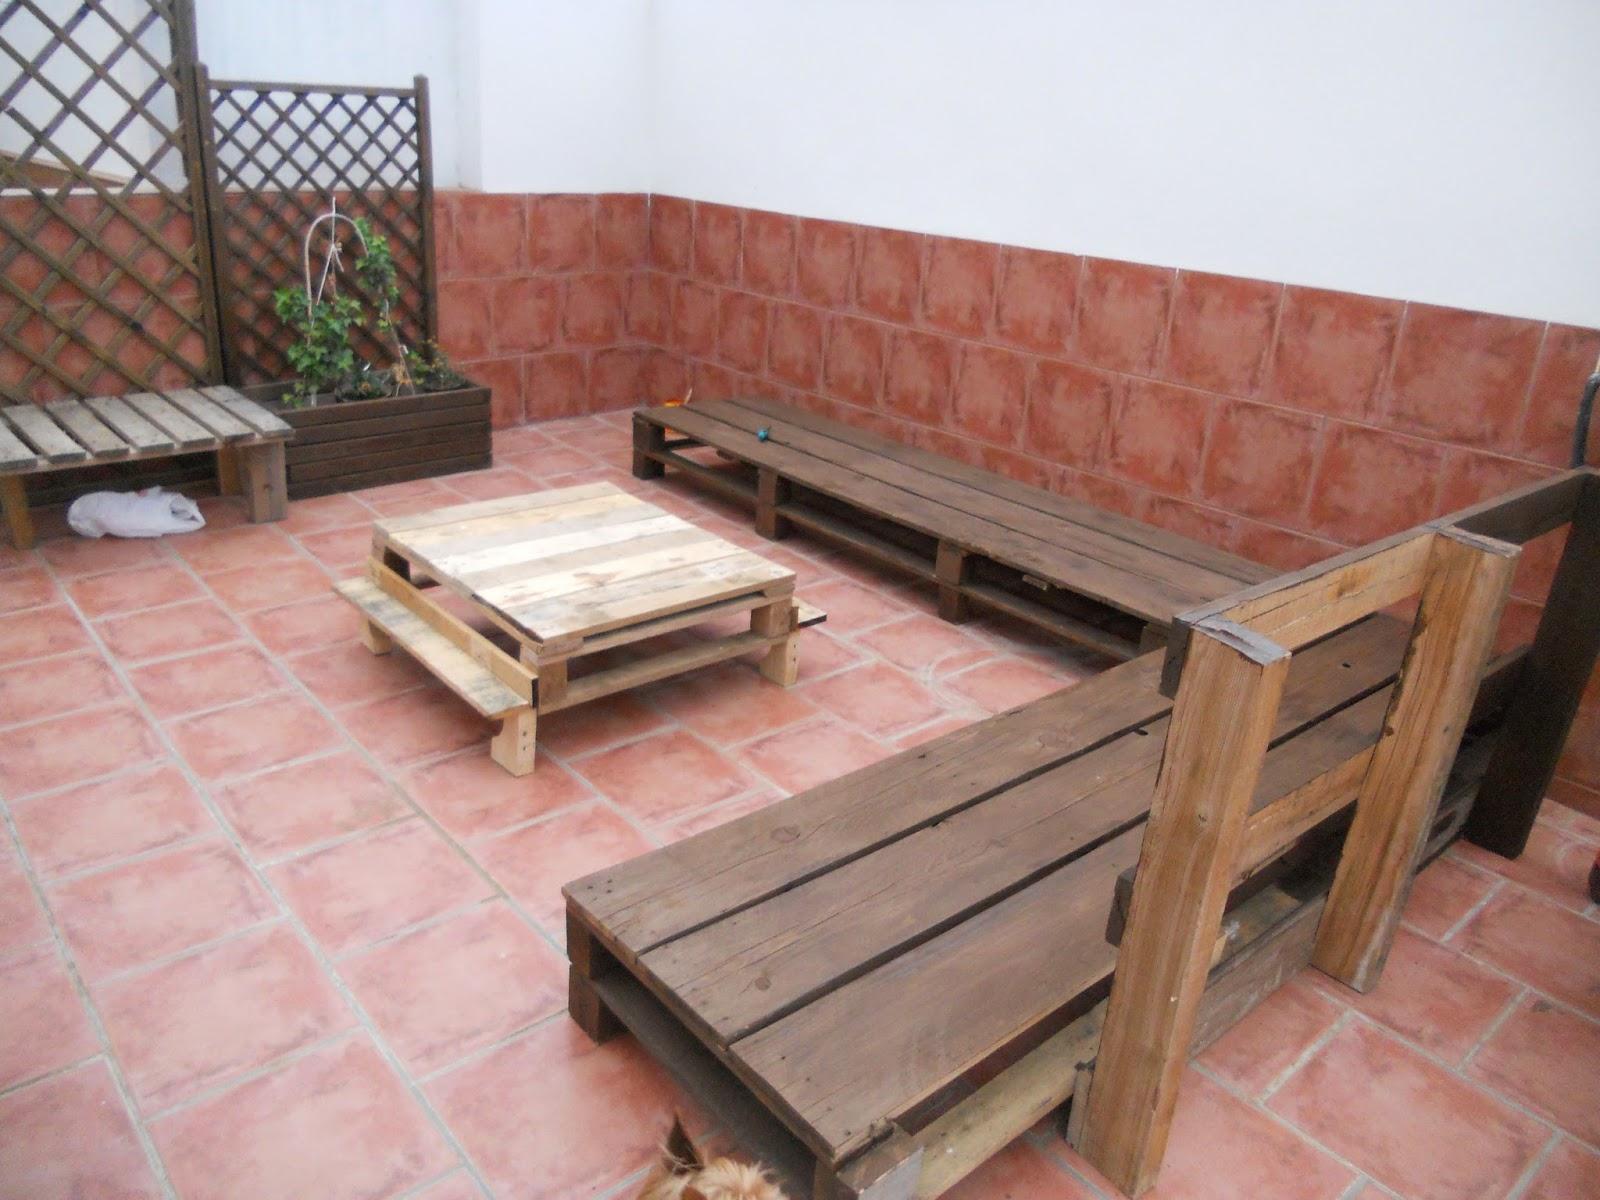 El rinc�n preferido de mi hogar: mi terraza